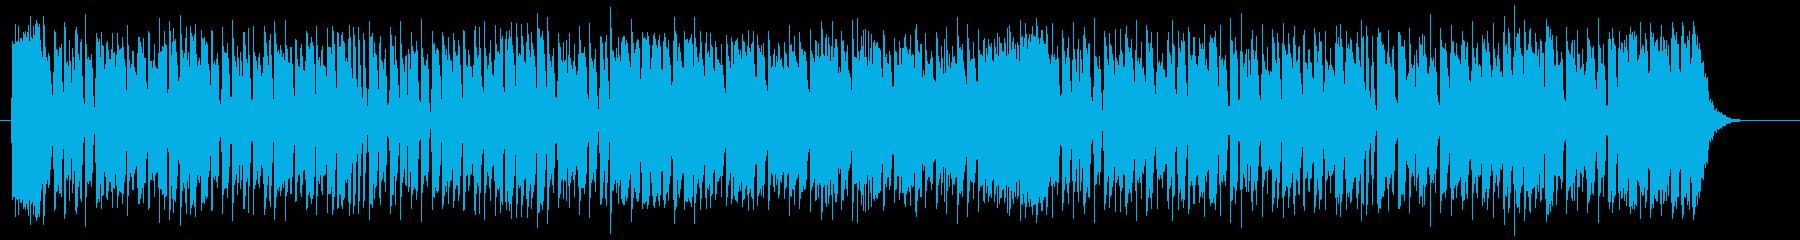 明るく楽しい鐘の音シンセサイザーサウンドの再生済みの波形